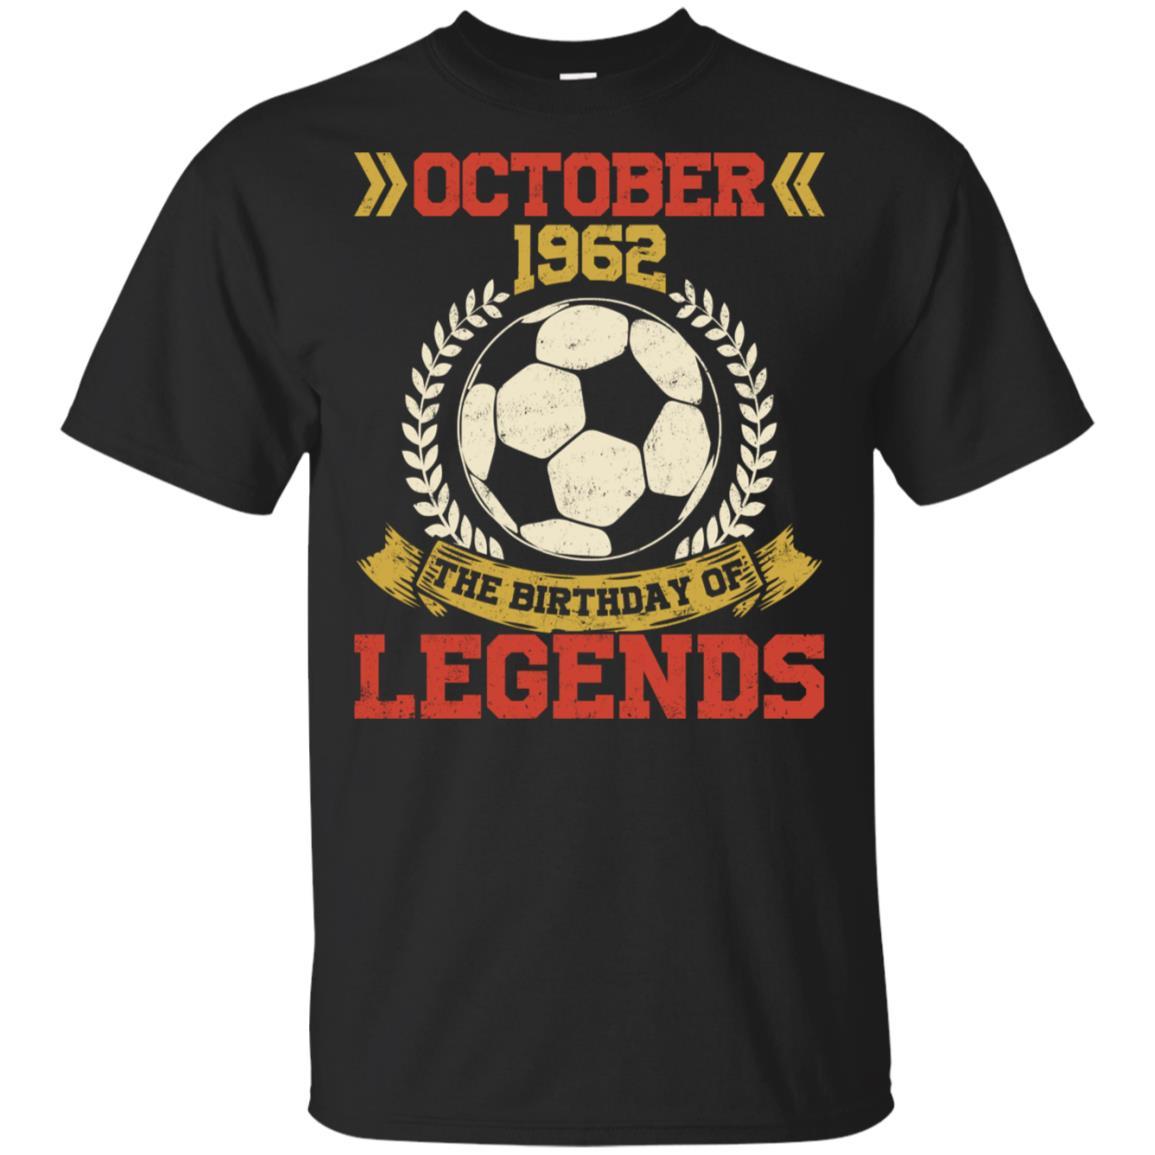 1962 October 56th Birthday Of Football Soccer Legend Unisex Short Sleeve